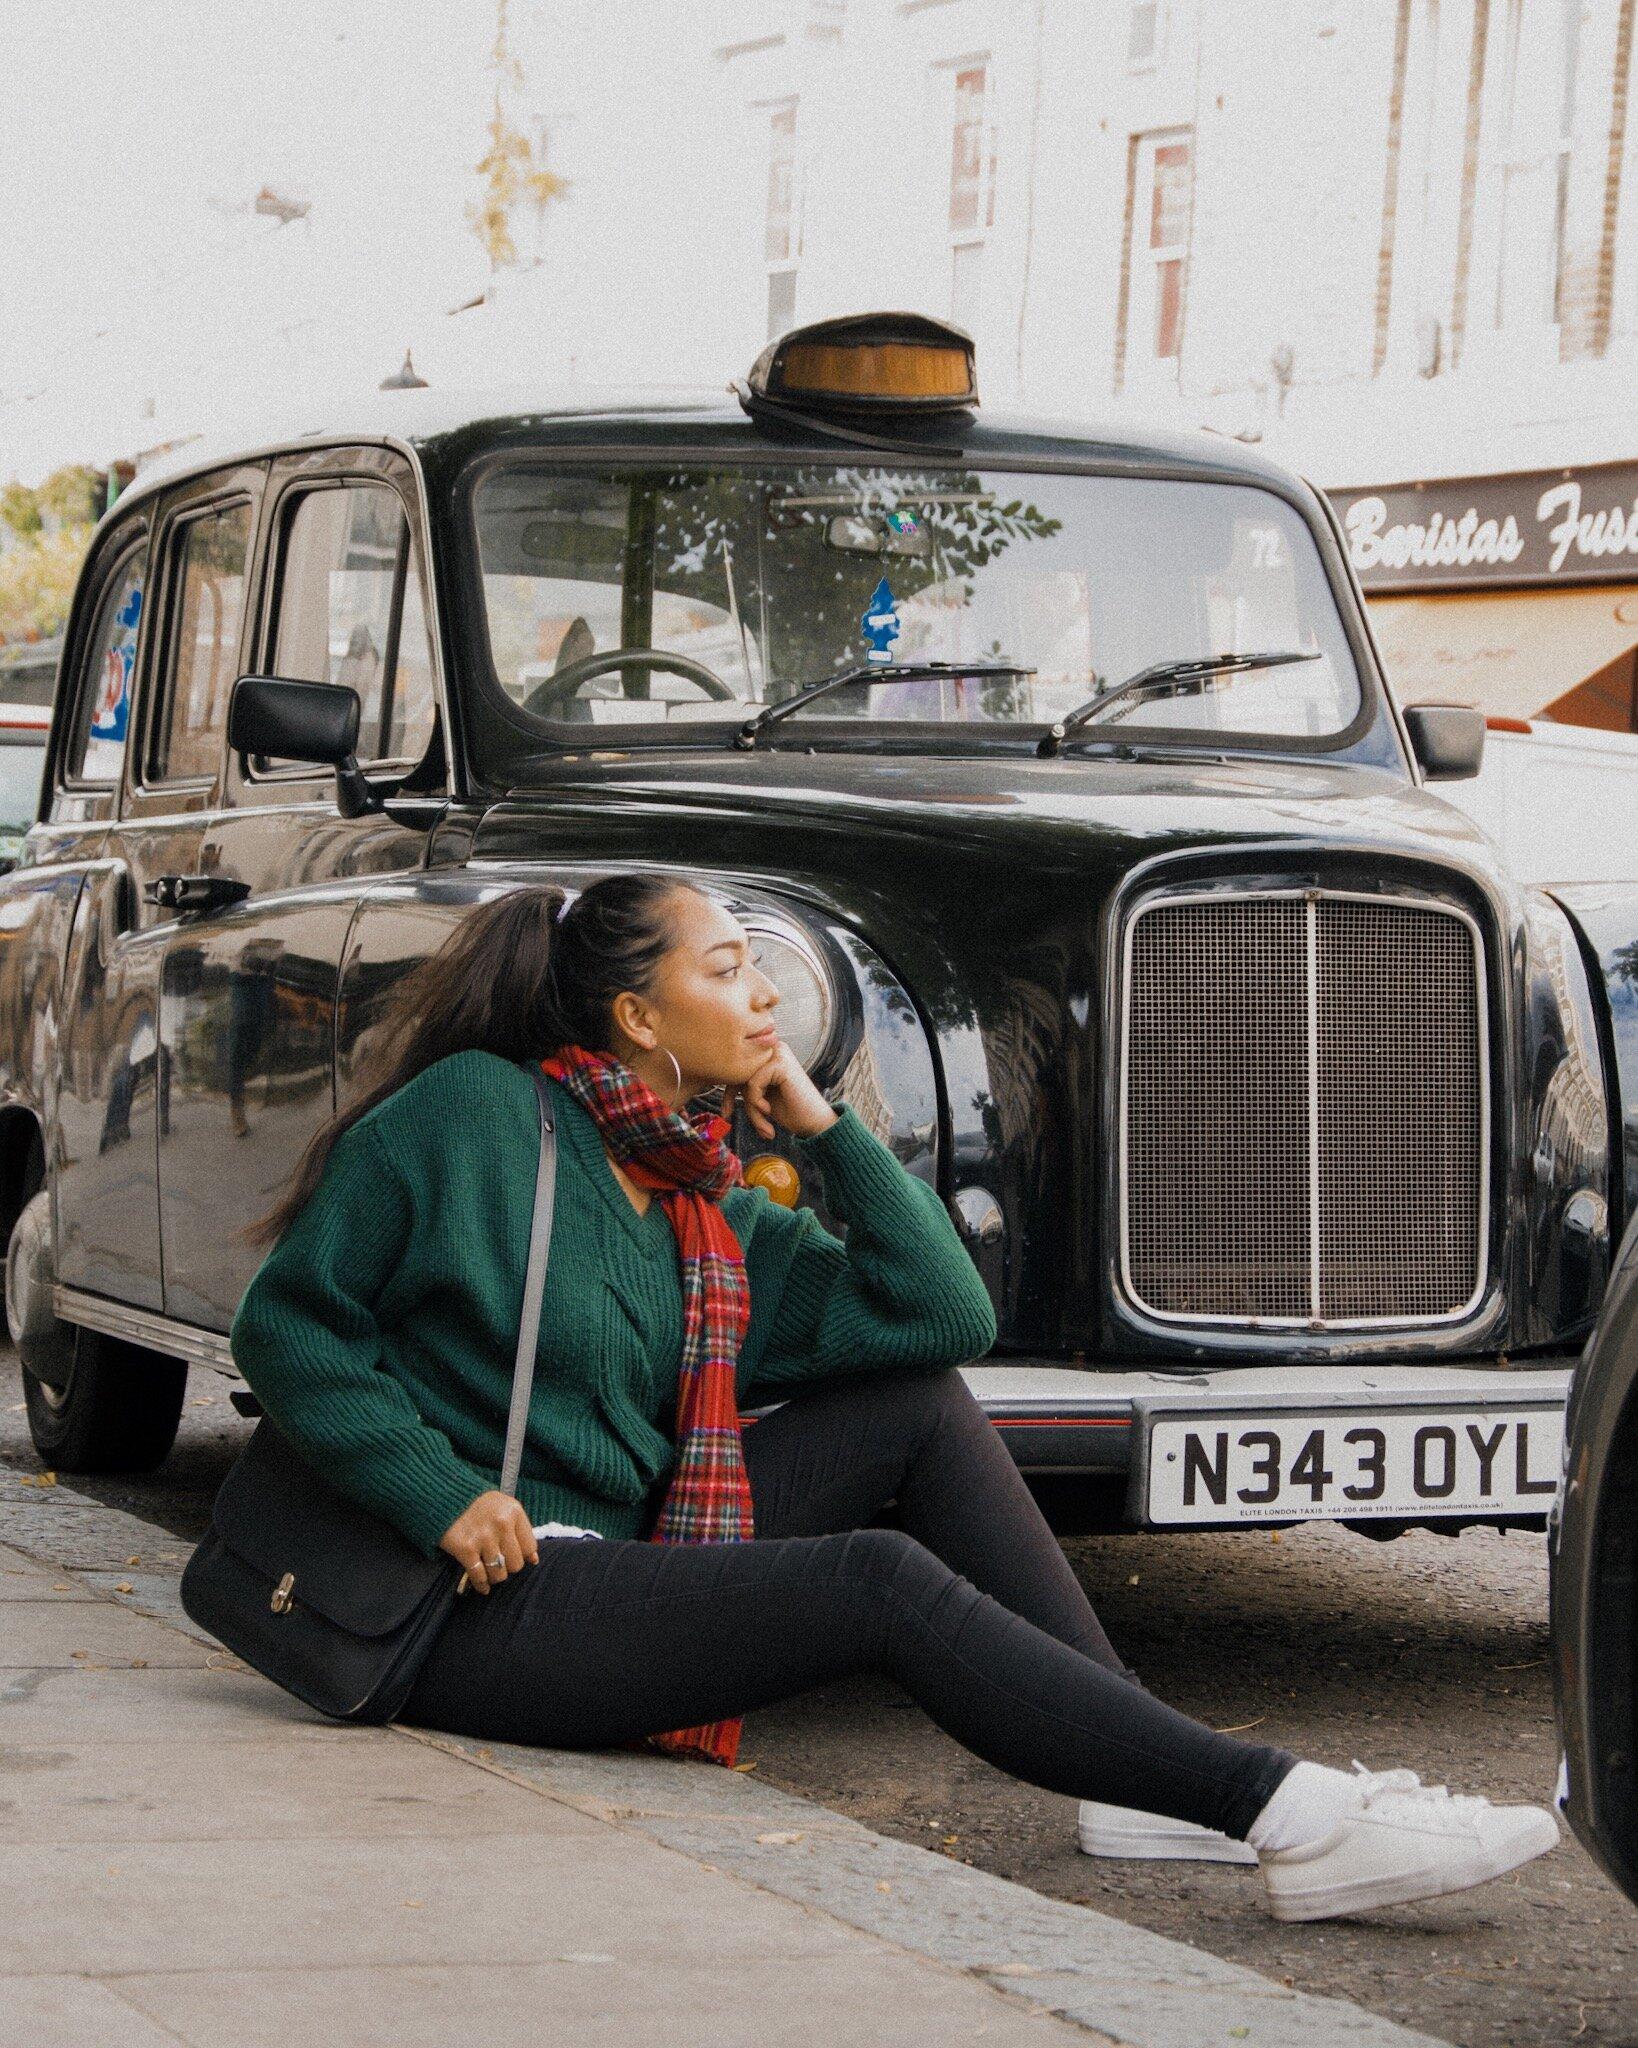 坐在波多贝罗的人行道上,一辆标志性的传统伦敦黑色出租车前,身穿绿色针织套头衫,戴着红色格子围巾